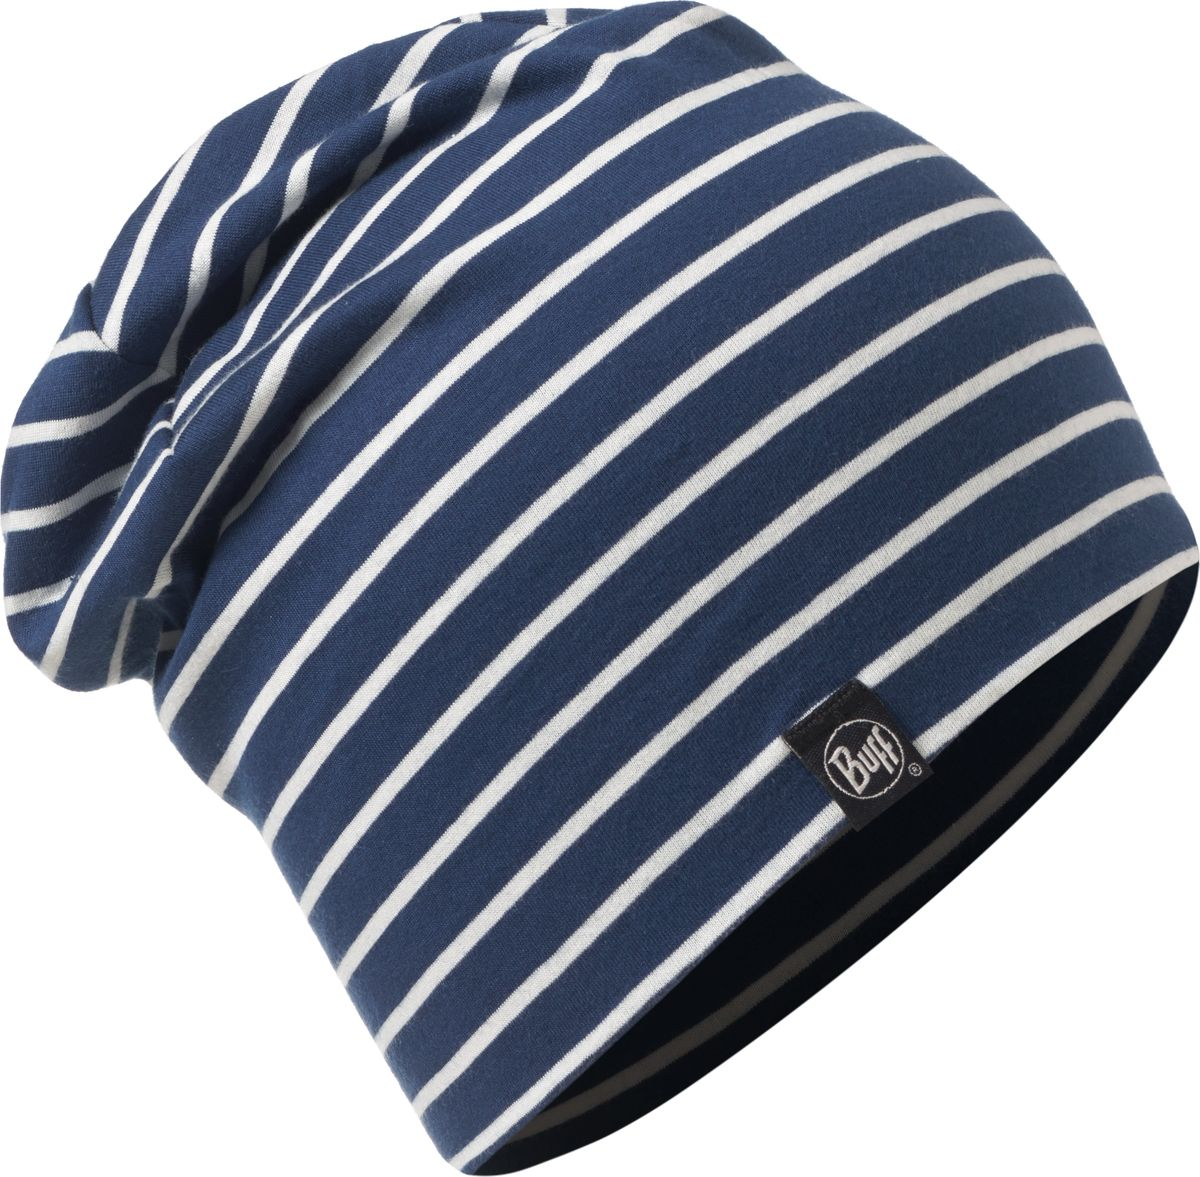 Шапка Buff Cotton Hat Denim Stripes, цвет: синий, белый. 117113.788.10.00. Размер 58117113.788.10.00Шапка-бини от Buff выполнена из мягкого хлопкового трикотажа с прнтом в полоску. Такая шапка обеспечит вам тепло и комфорт и прекрасно дополнит образ.